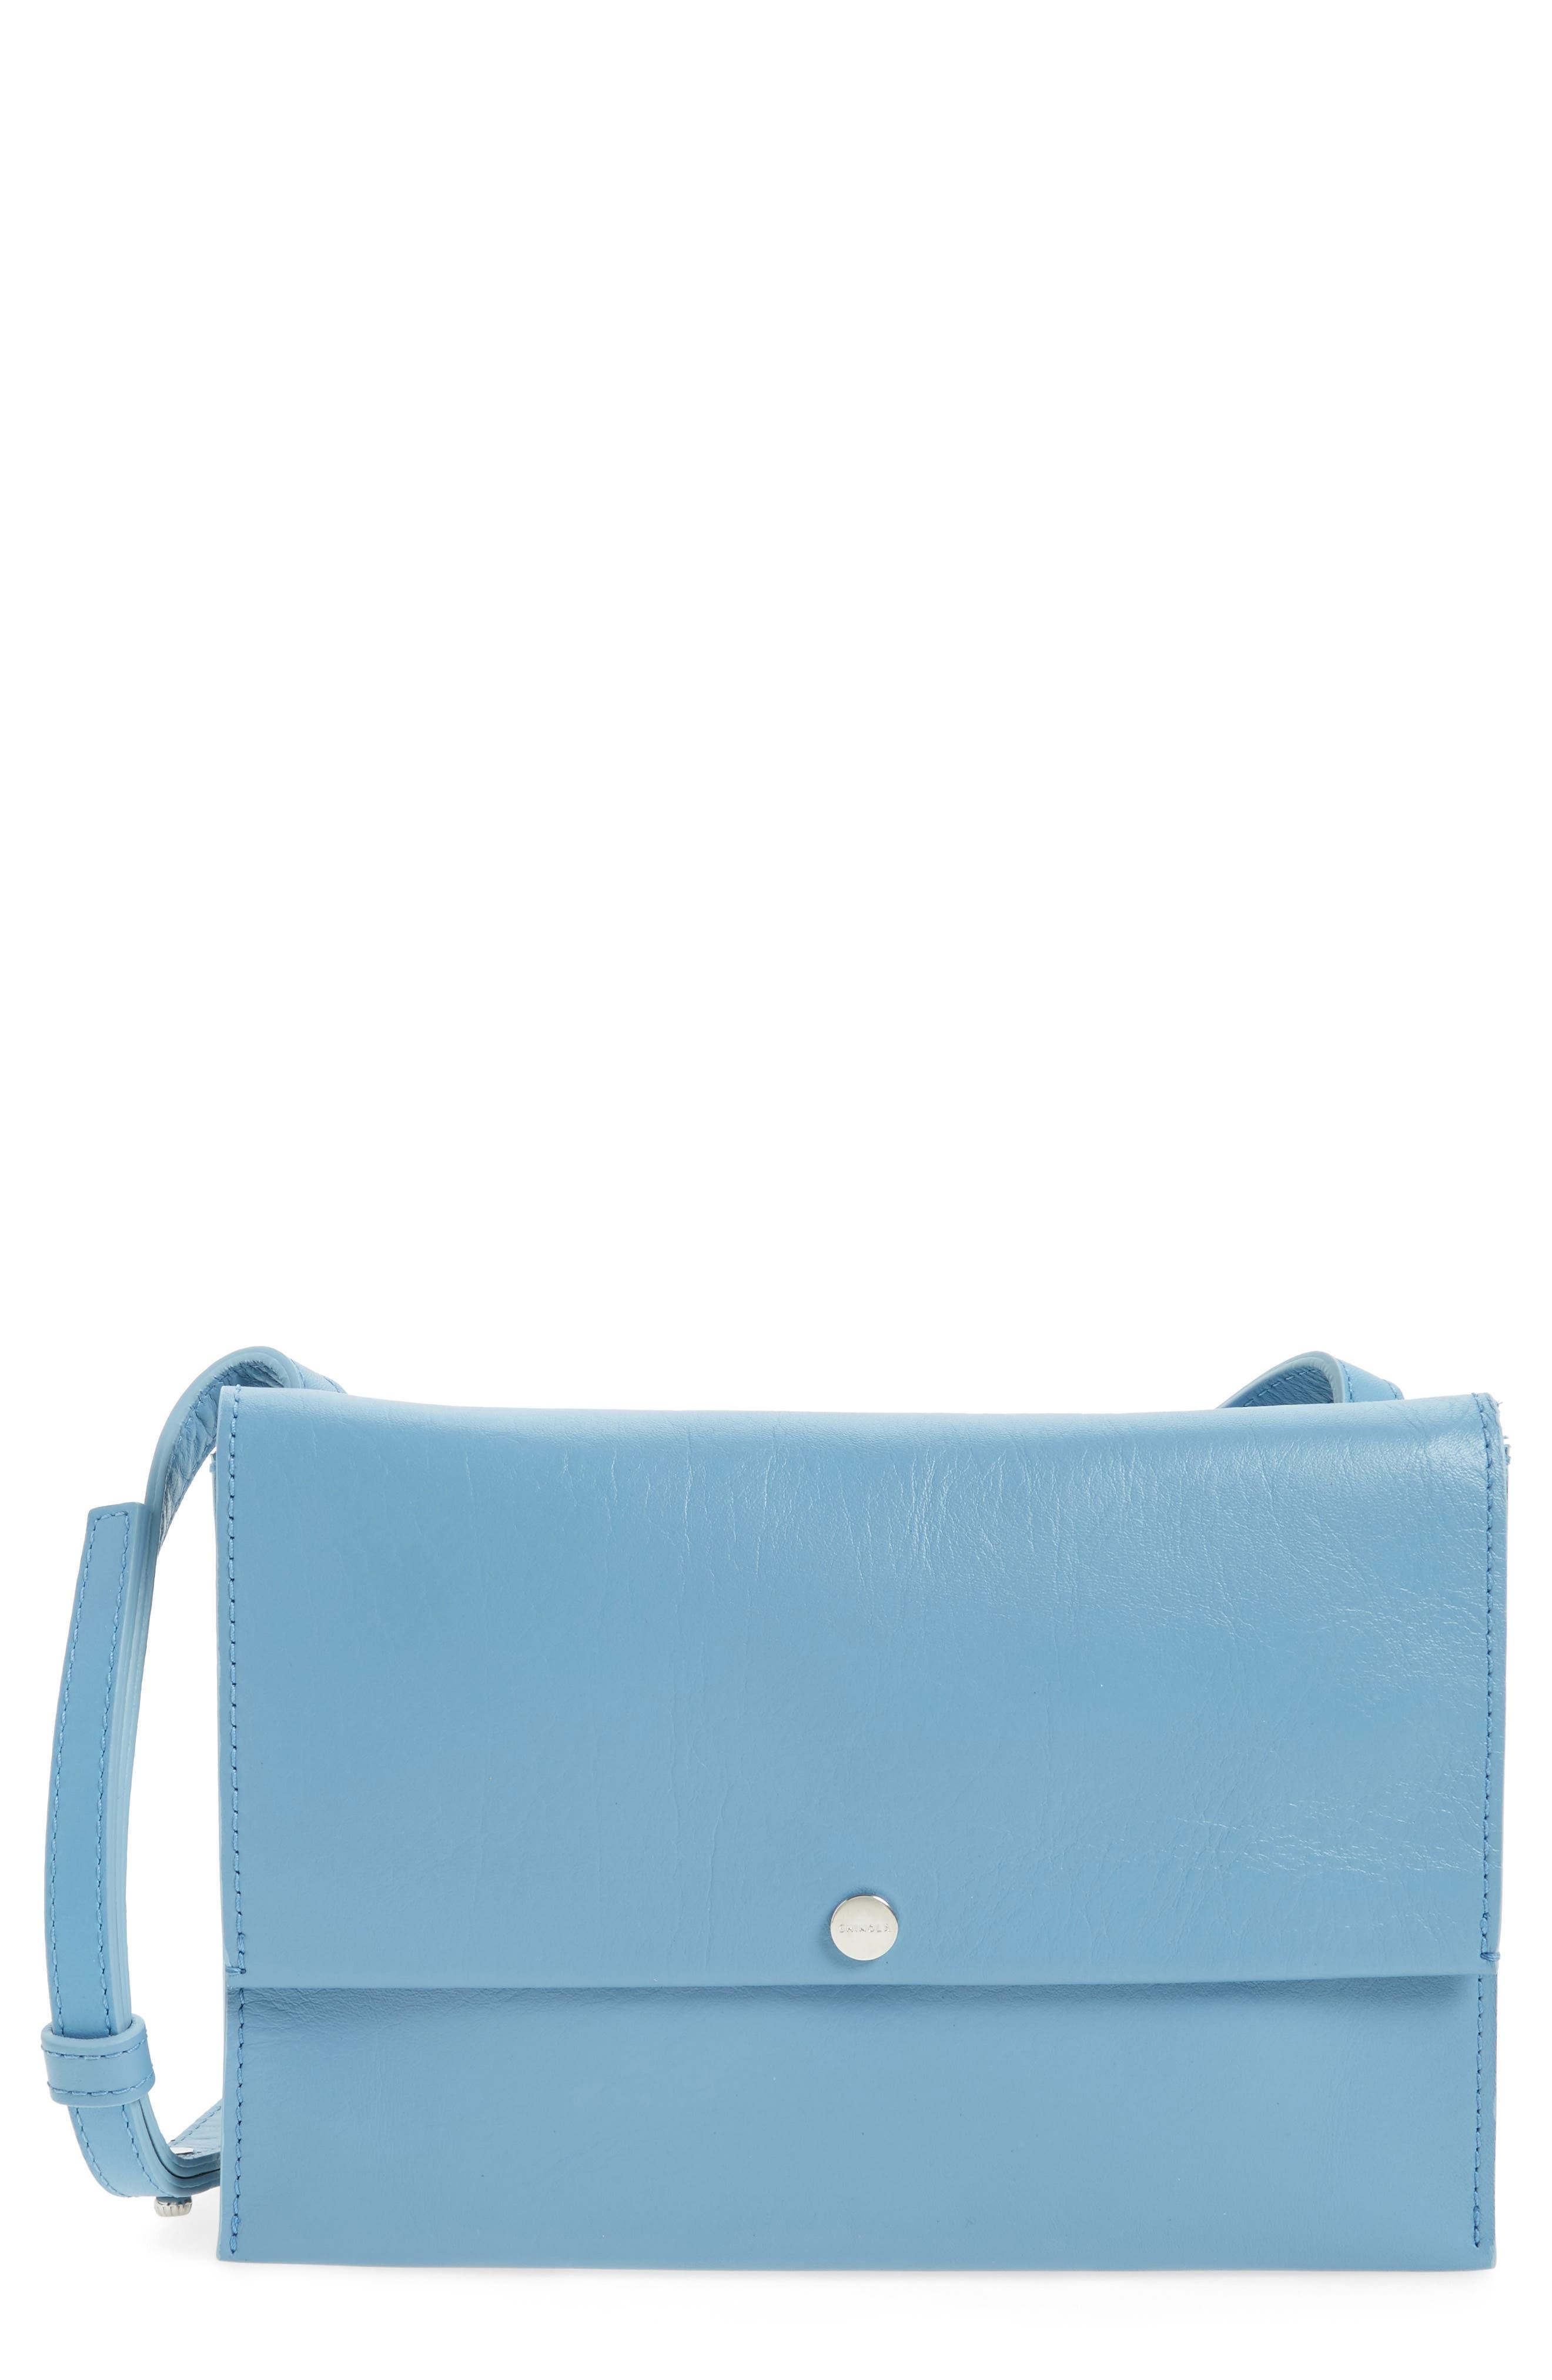 Alternate Image 1 Selected - Shinola Crossbody Leather Bag